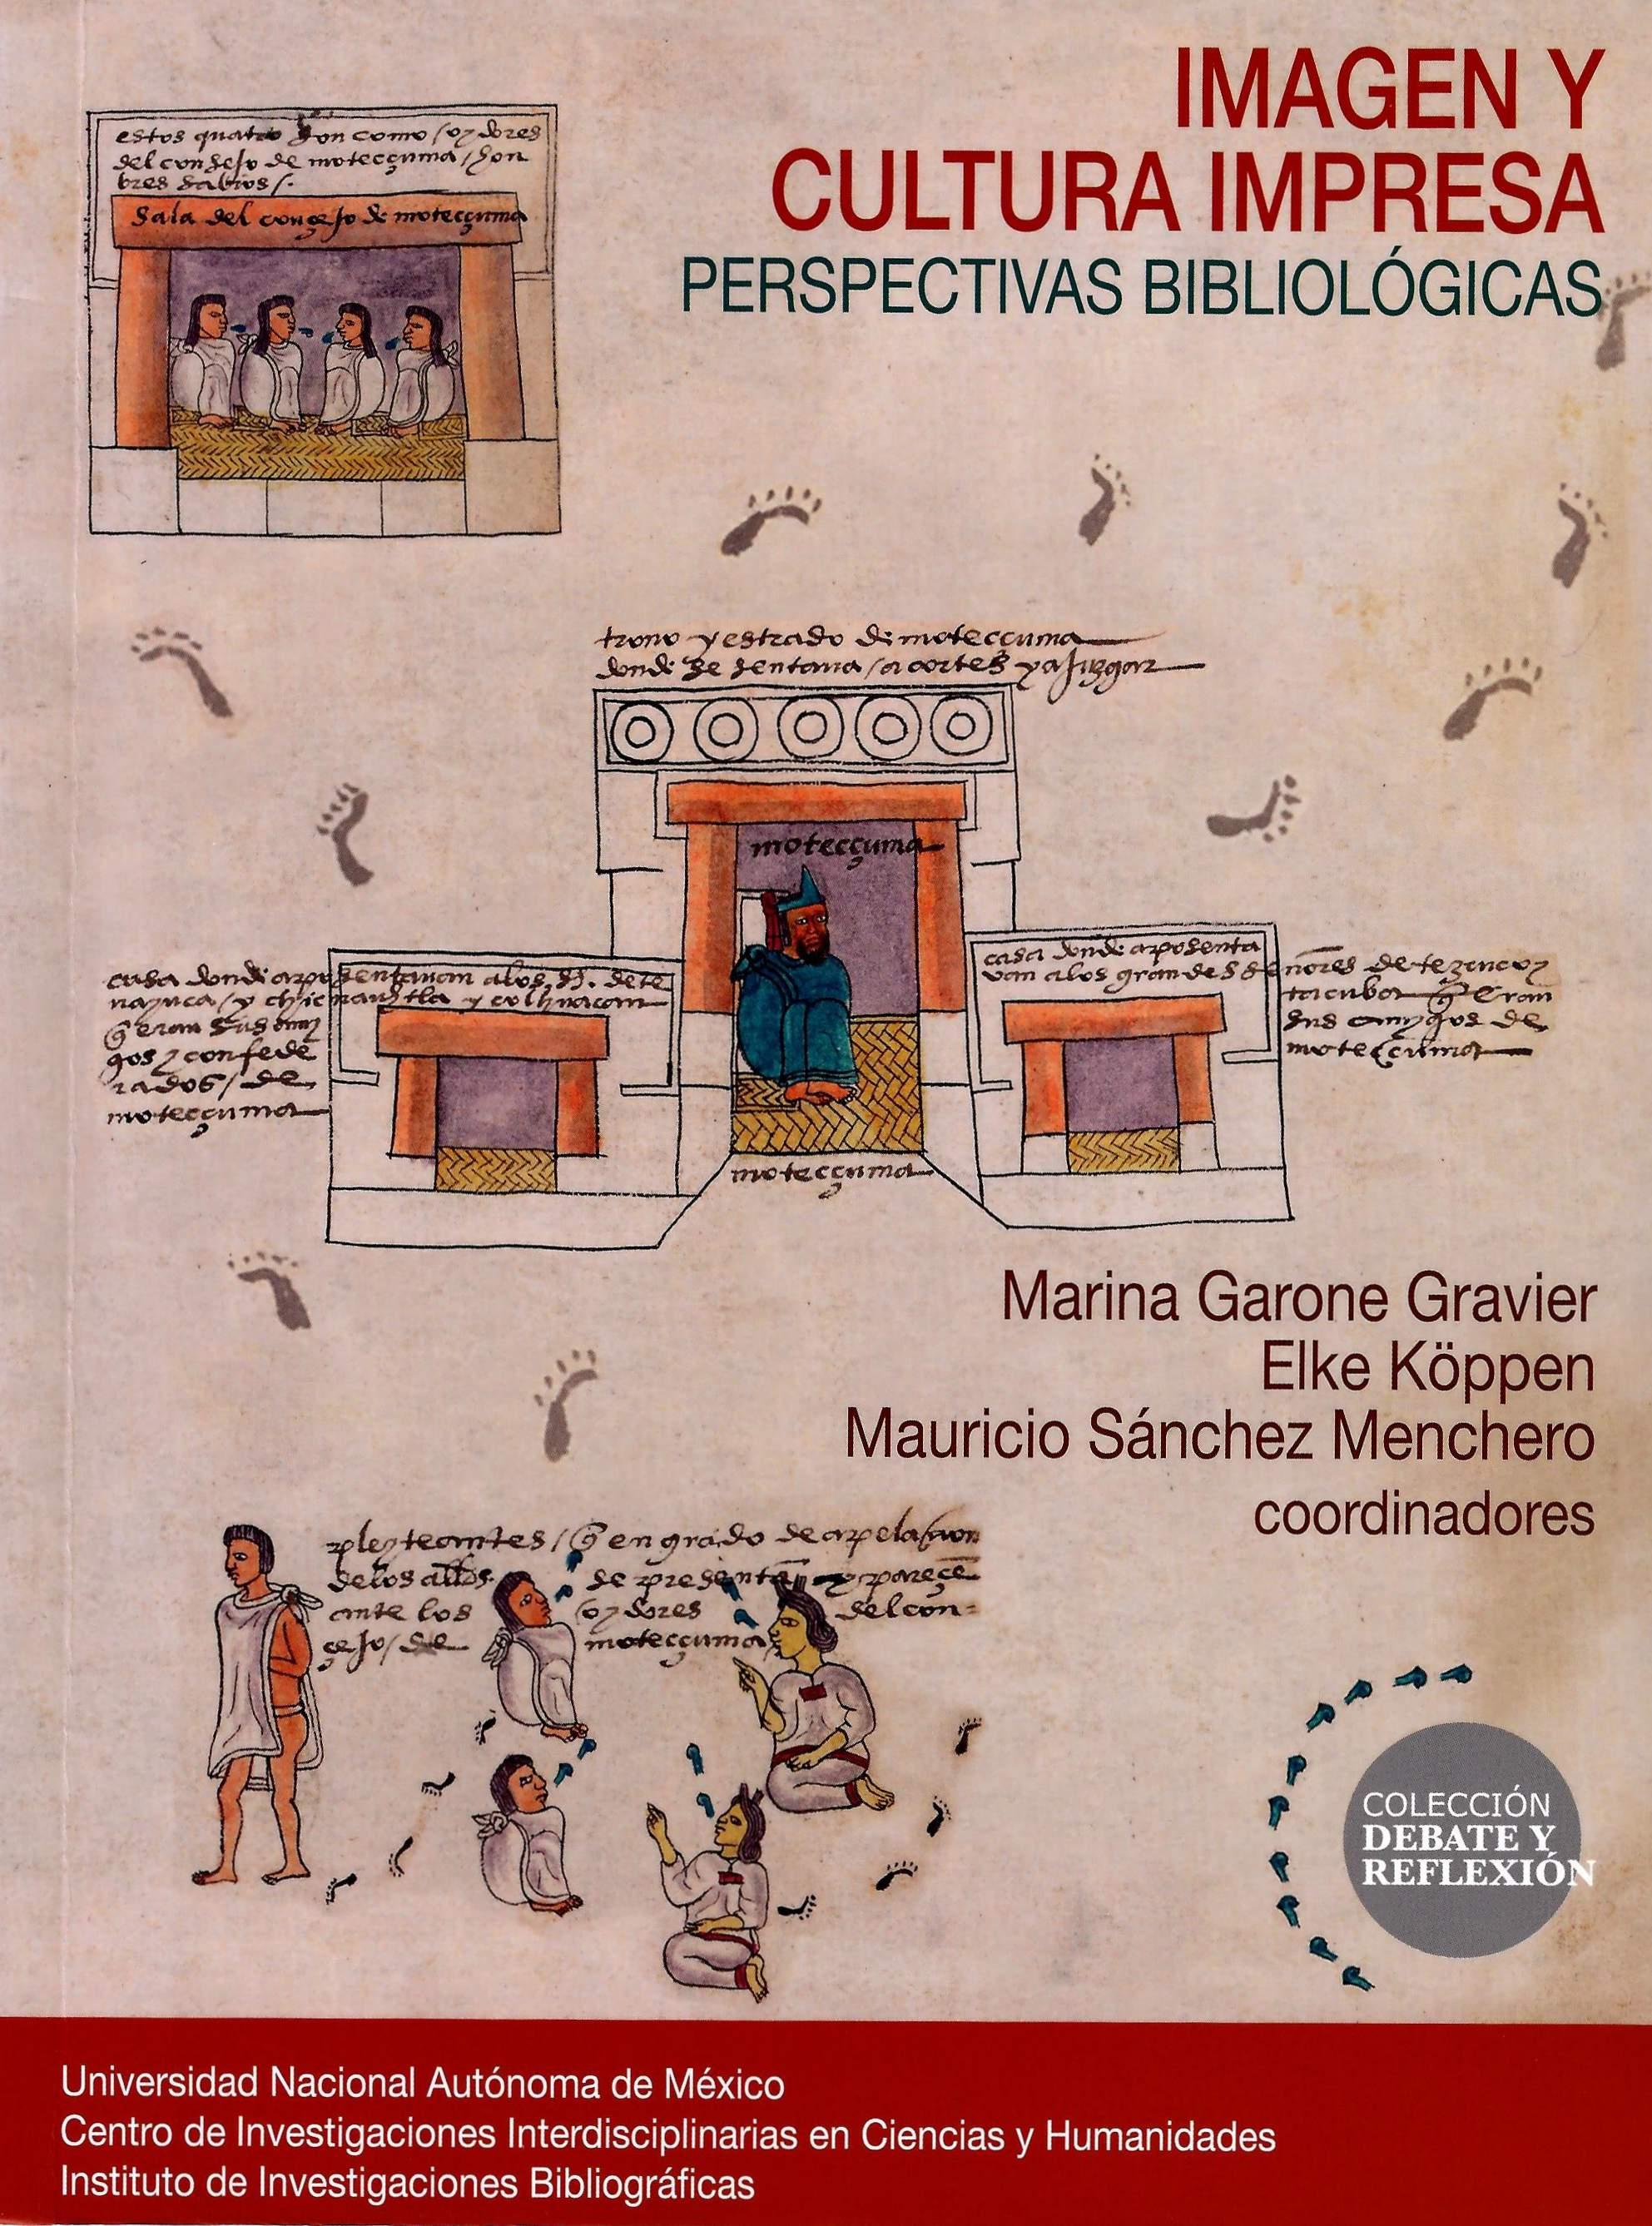 Imagen y cultura impresa: perspectivas bibliológicas